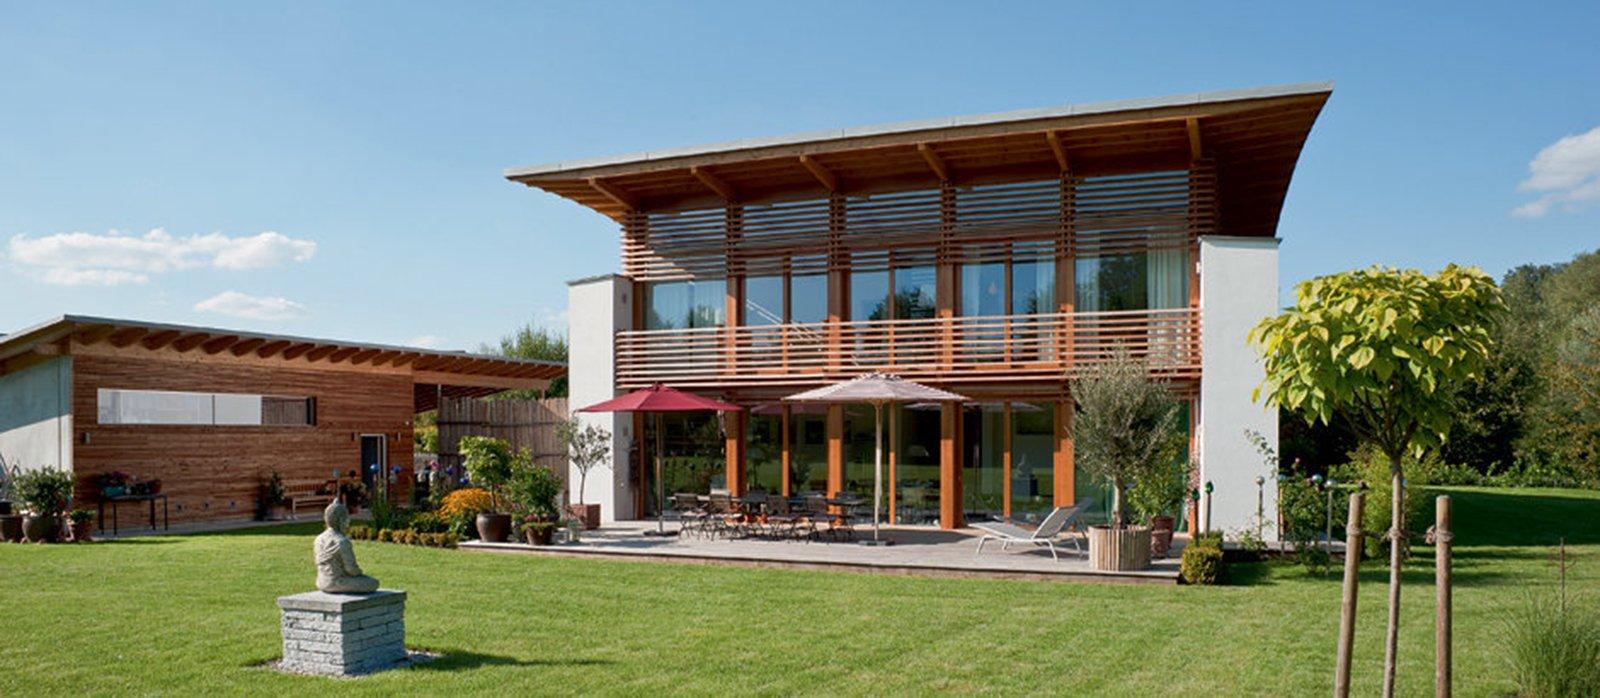 Bioarchitettura e case ecologiche prefabbricate in legno - Sistemi per riscaldare casa ...